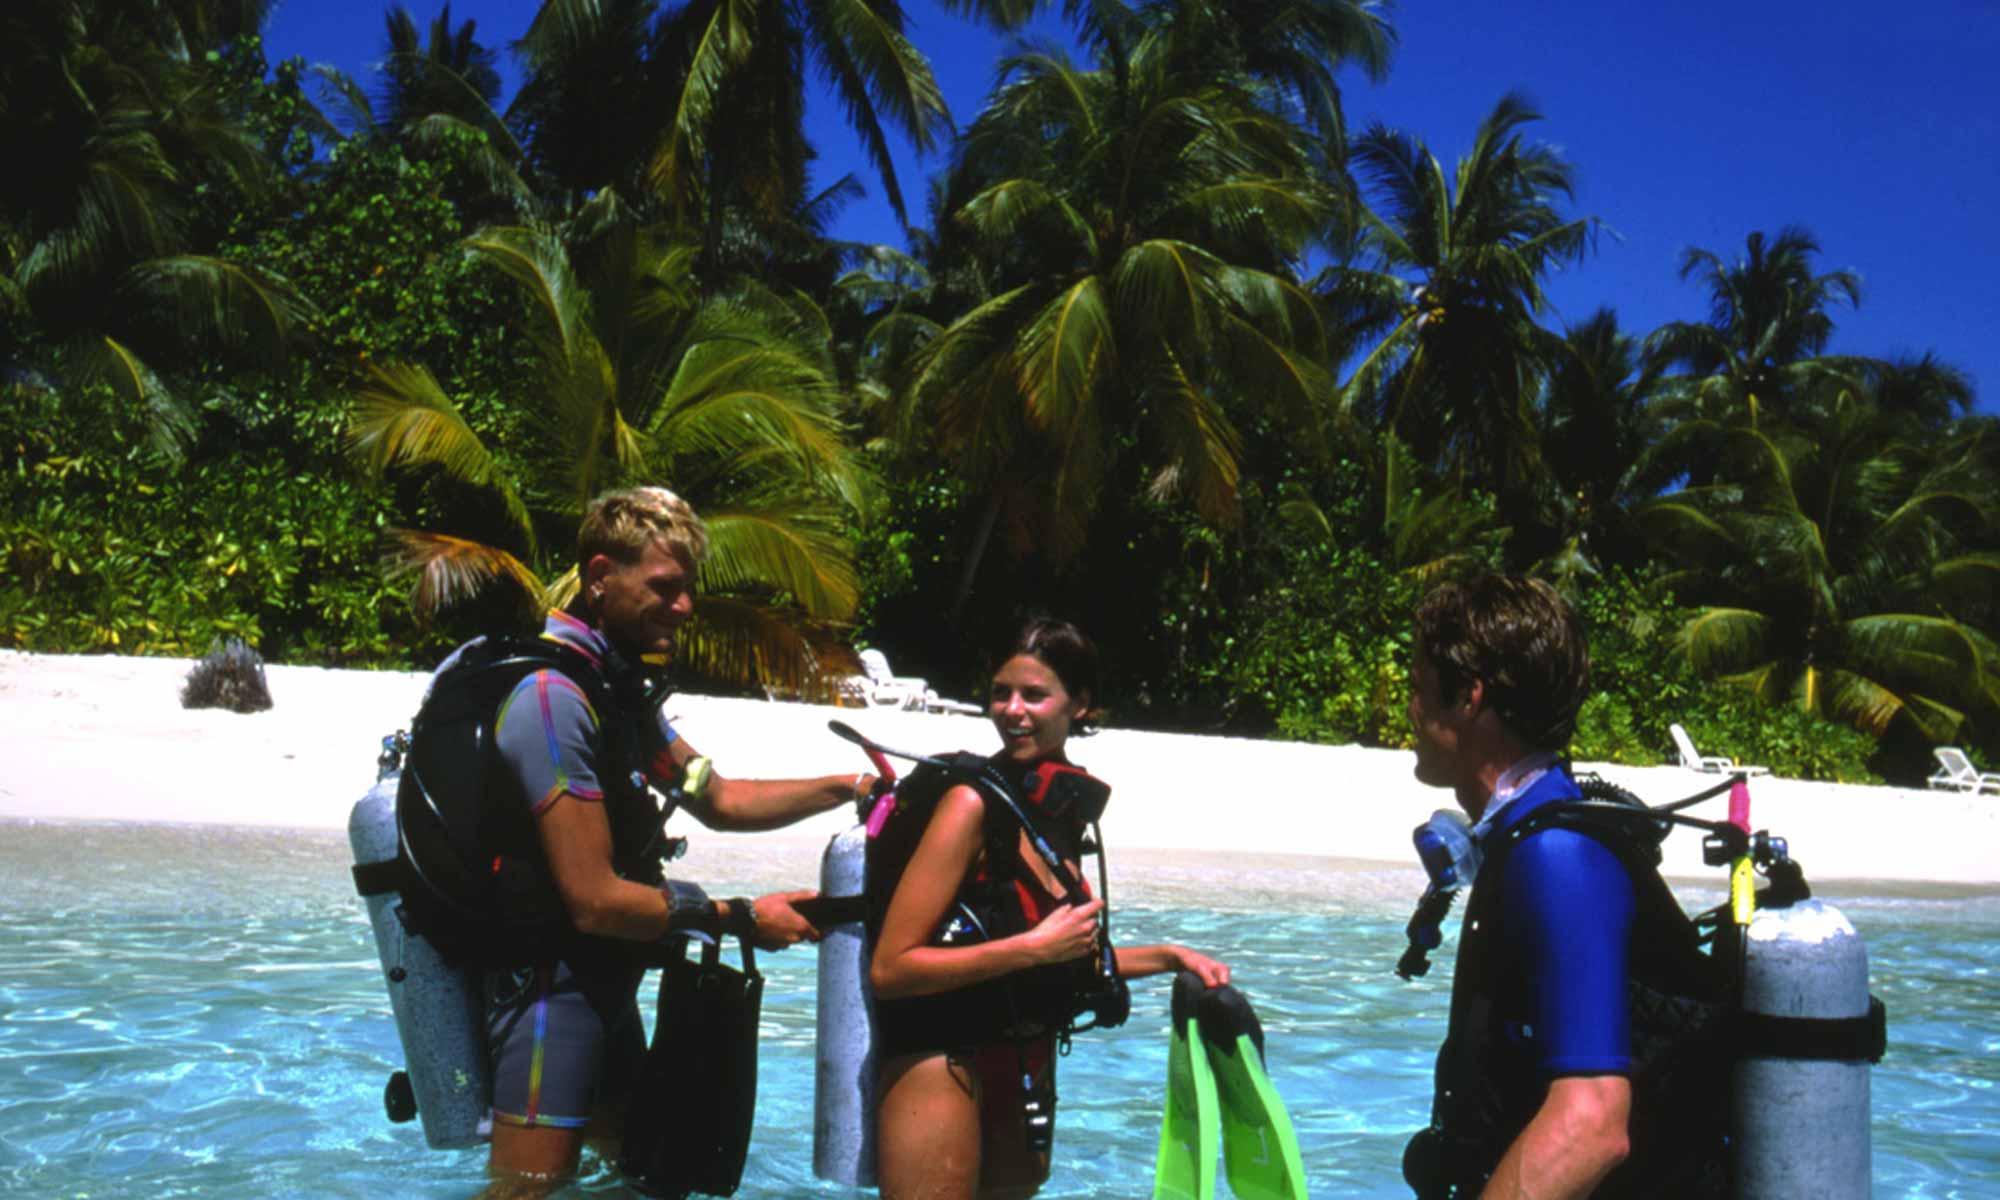 Slow Dive Indischer Ozean Malediven Euro Divers Eriyadu Strand Abtauchen